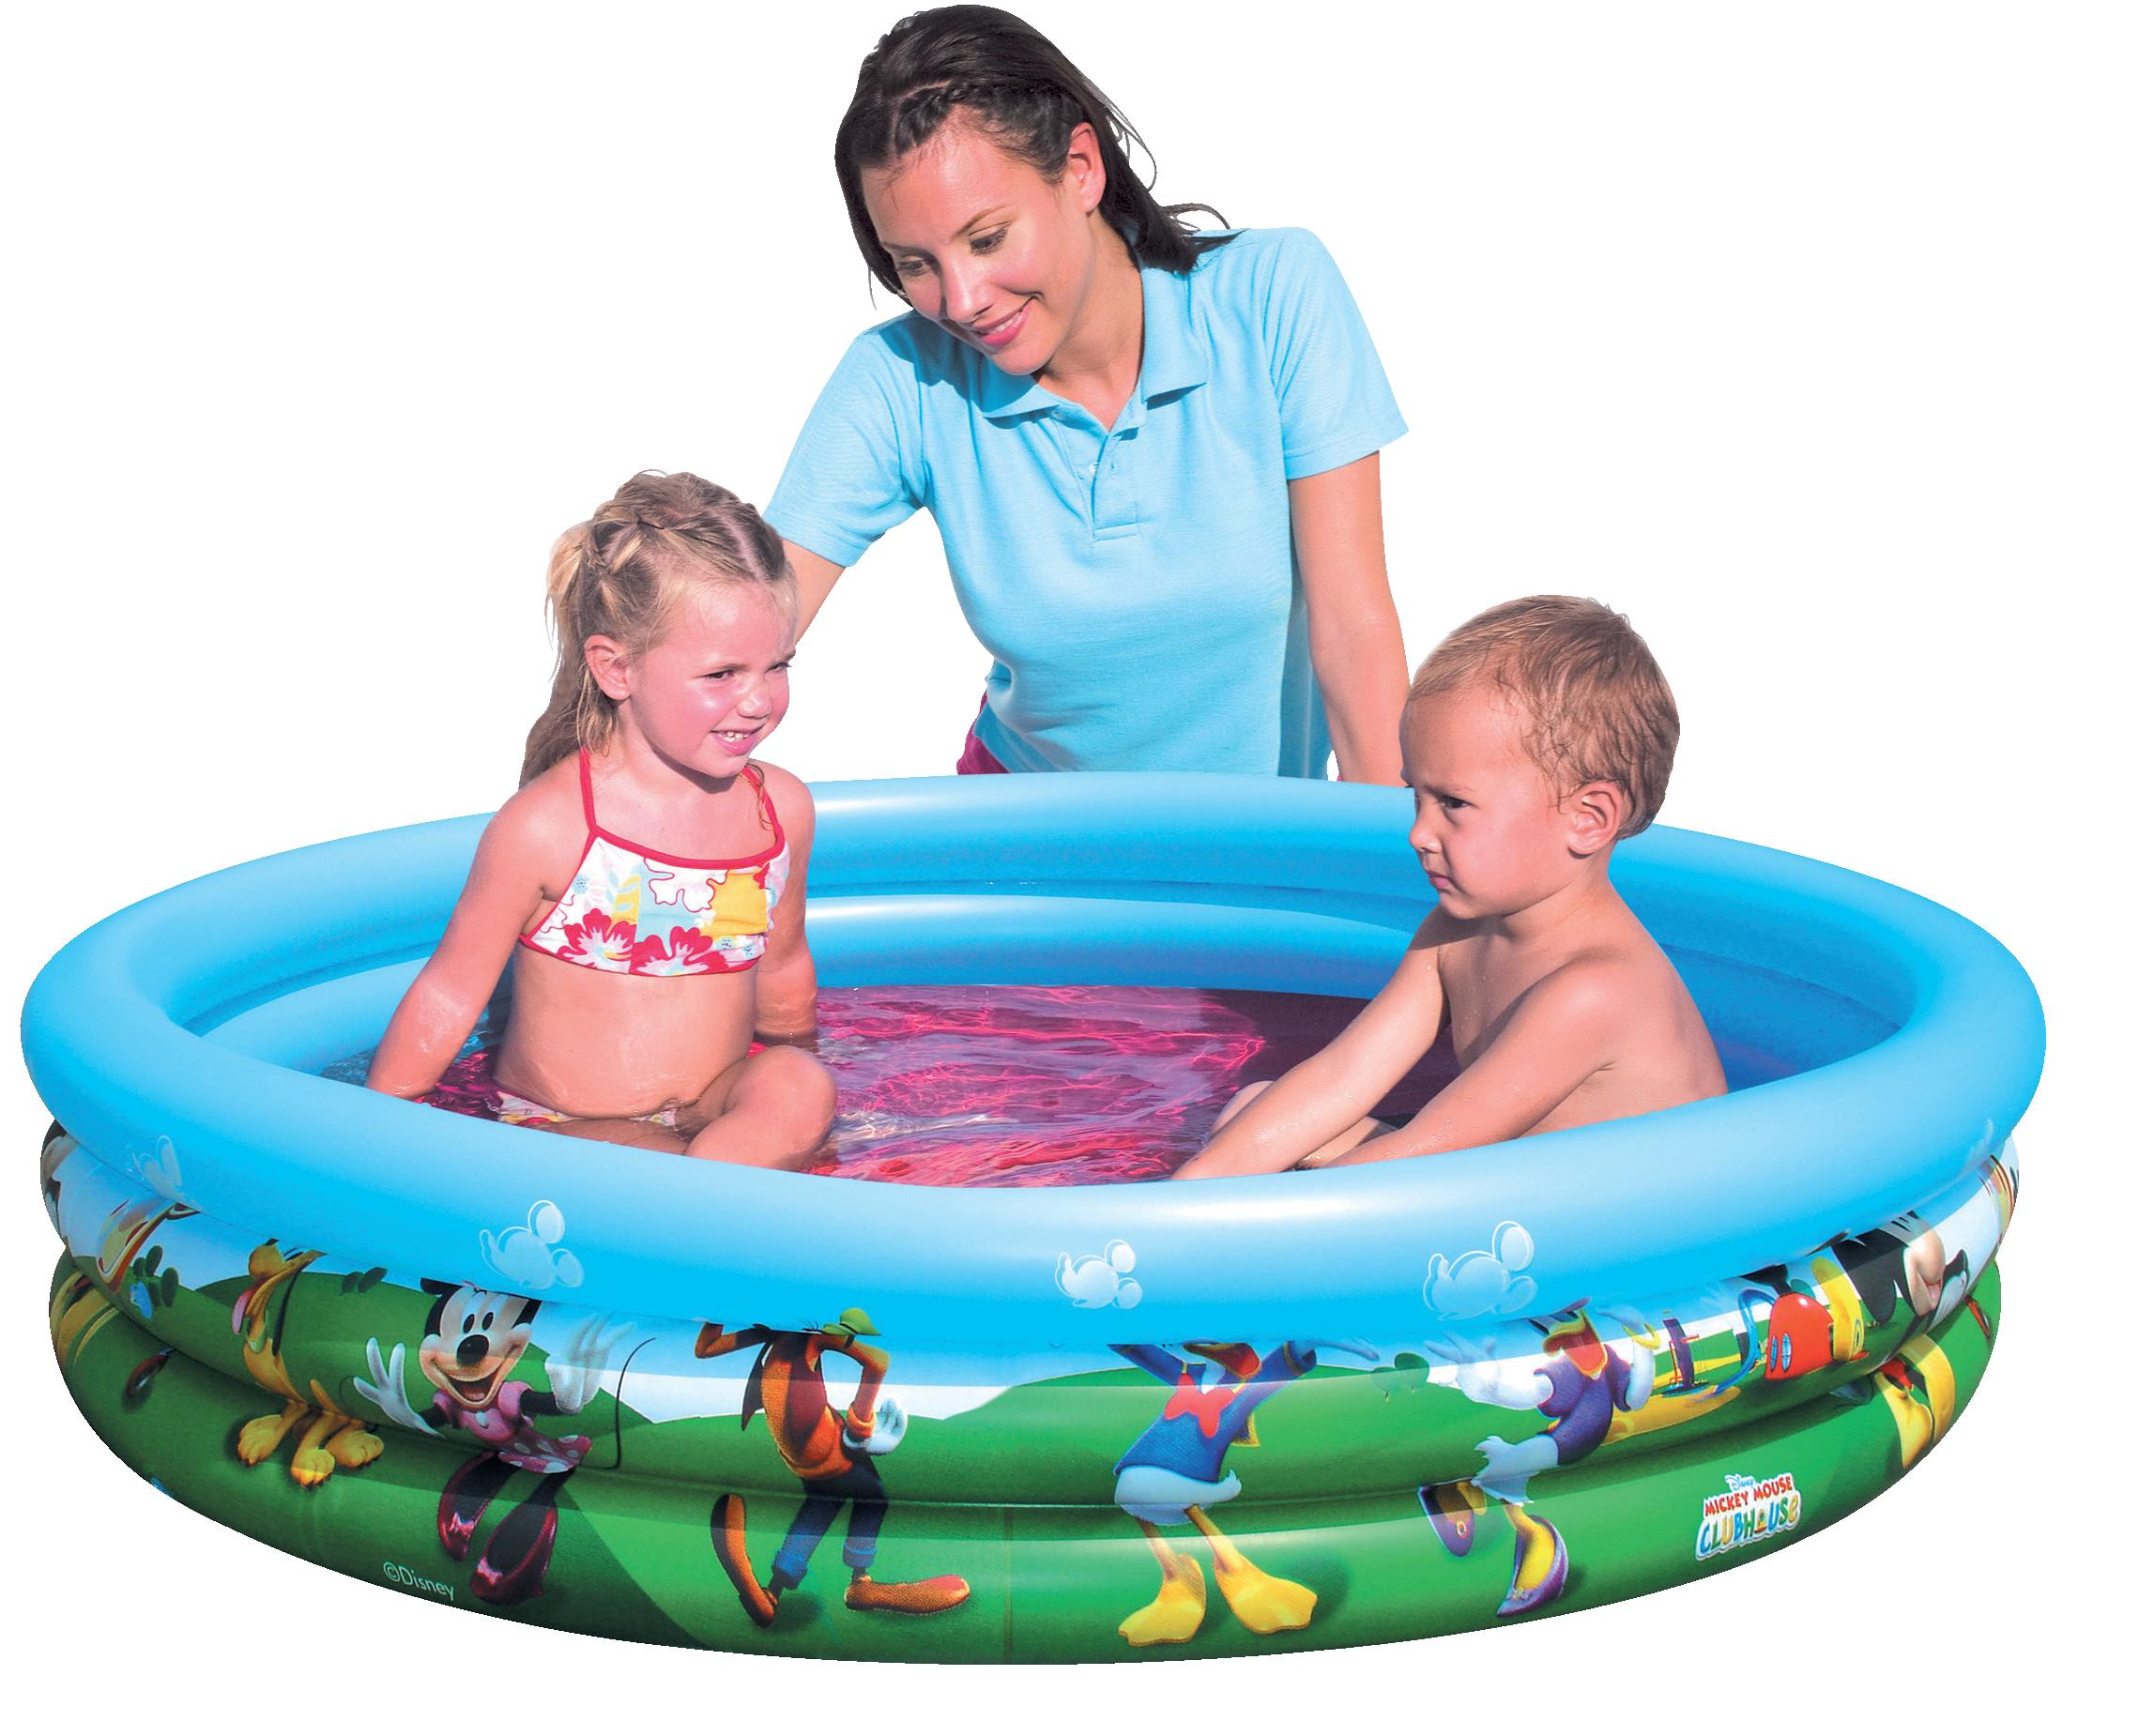 Badepool badespielzeug for Badepool aufblasbar